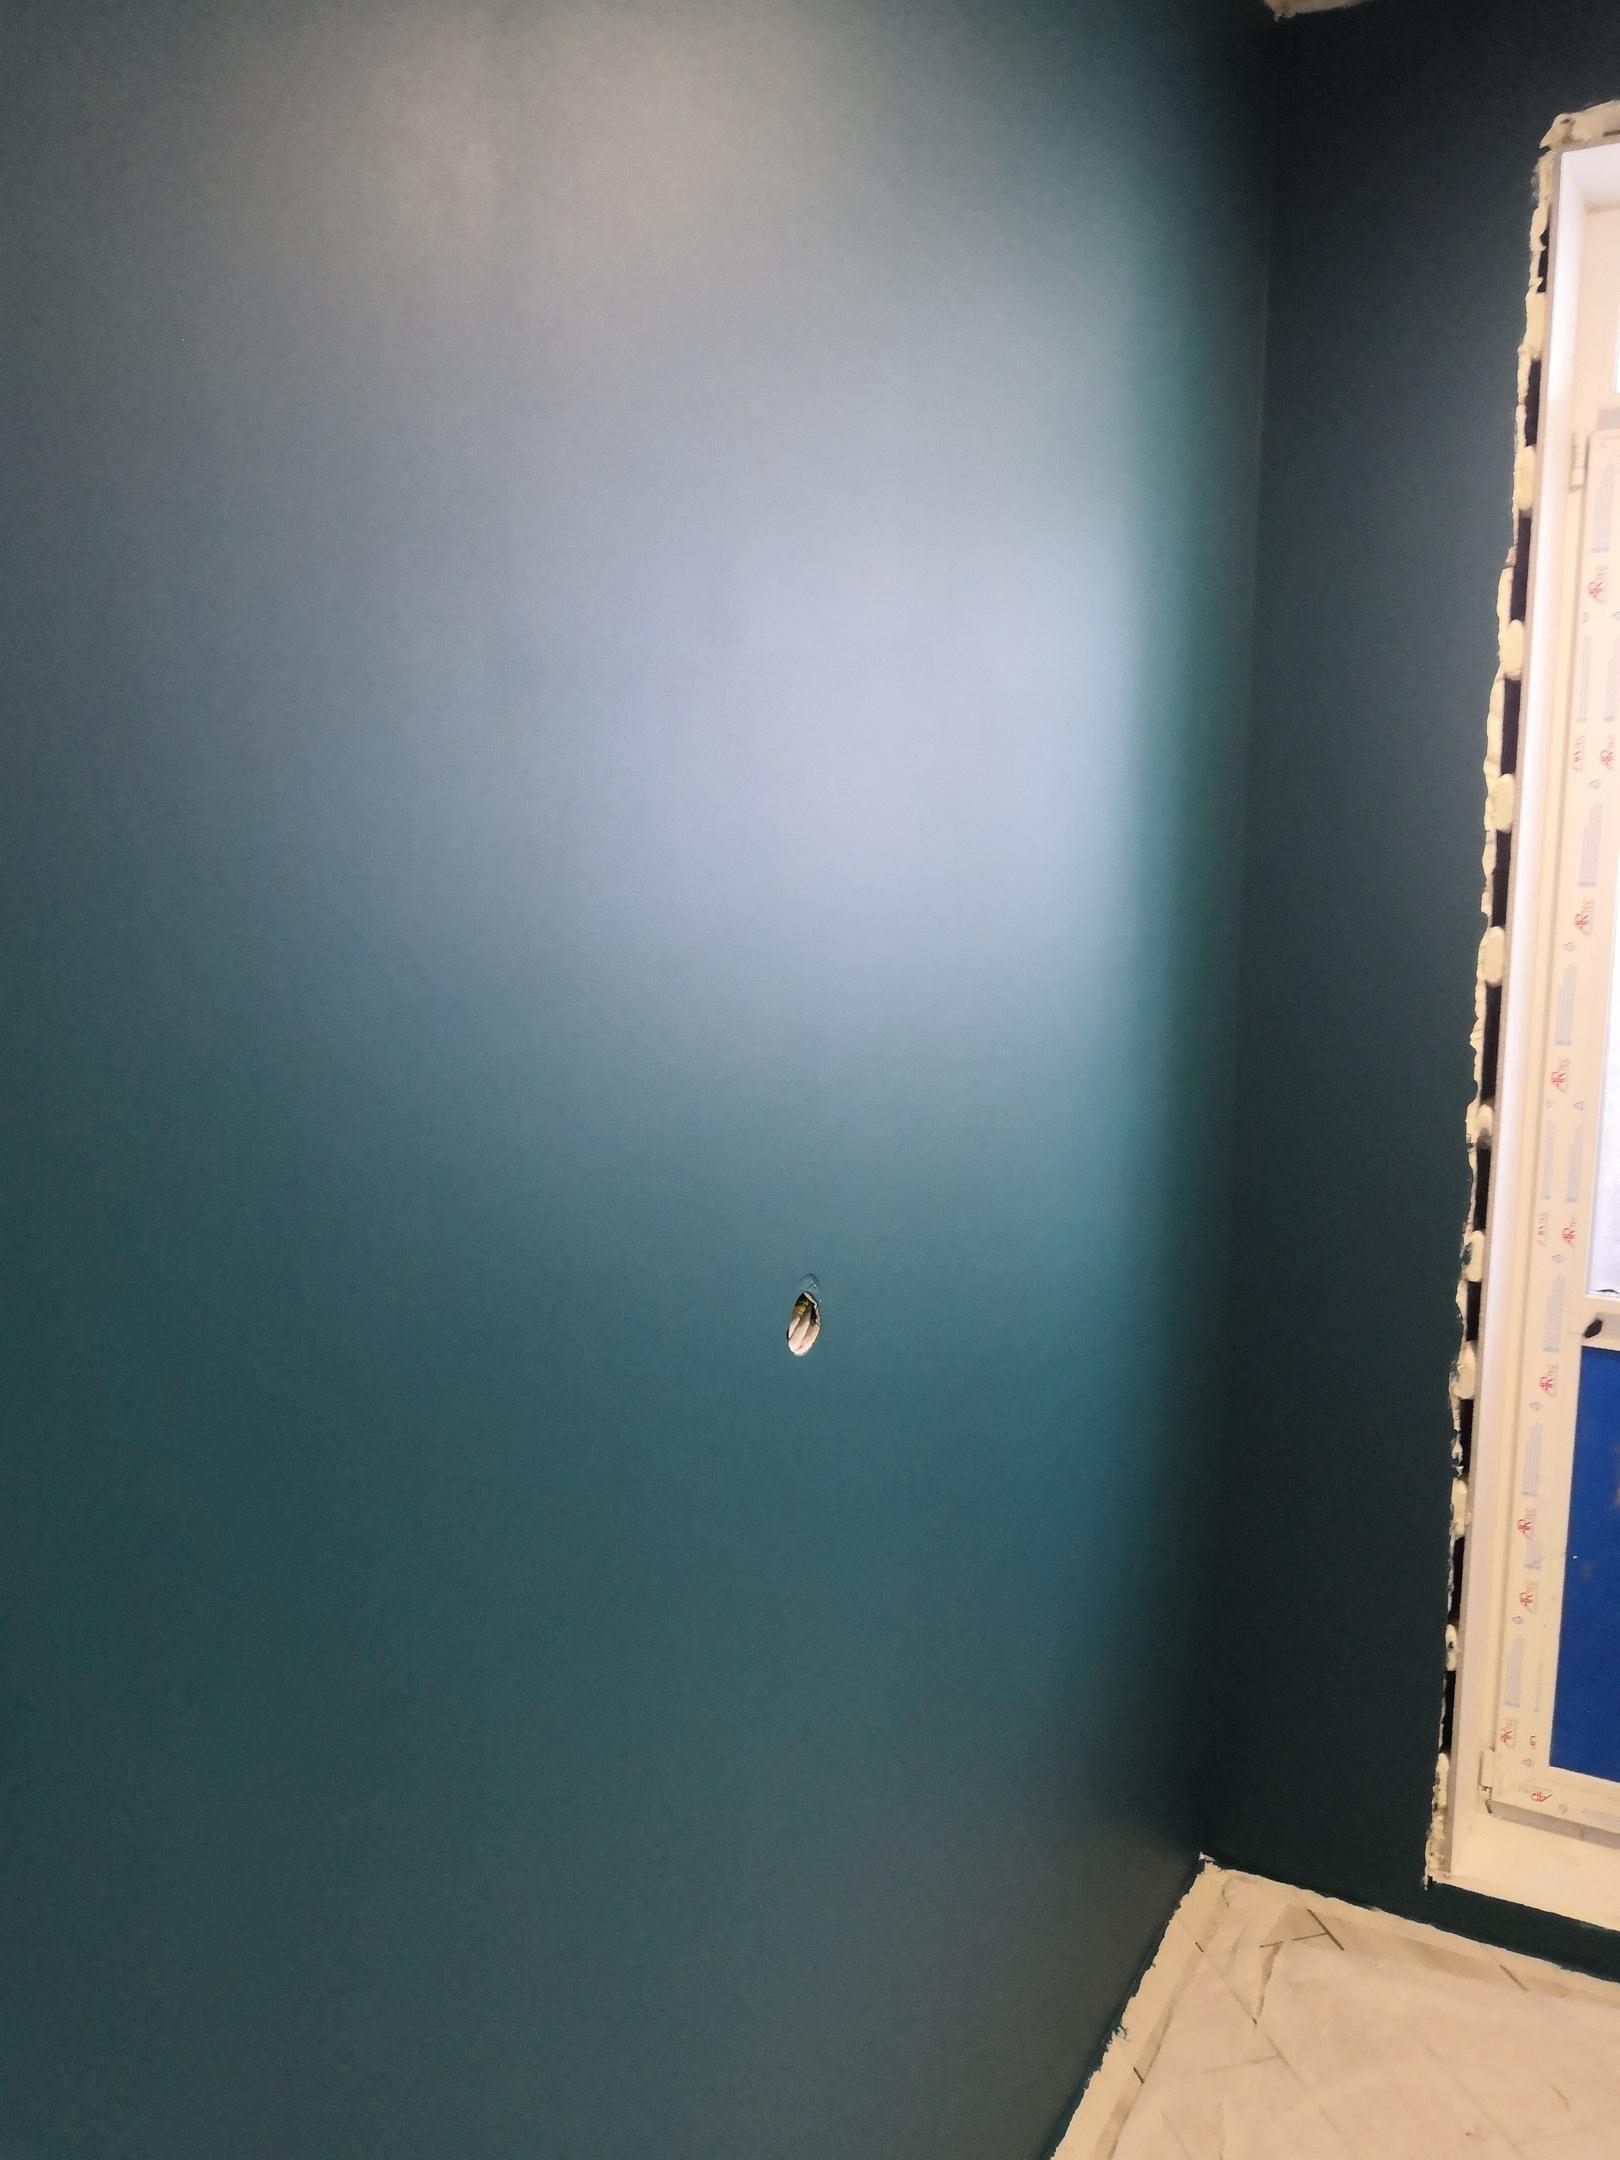 Ремонт квартир в Самаре под ключ - фото 66